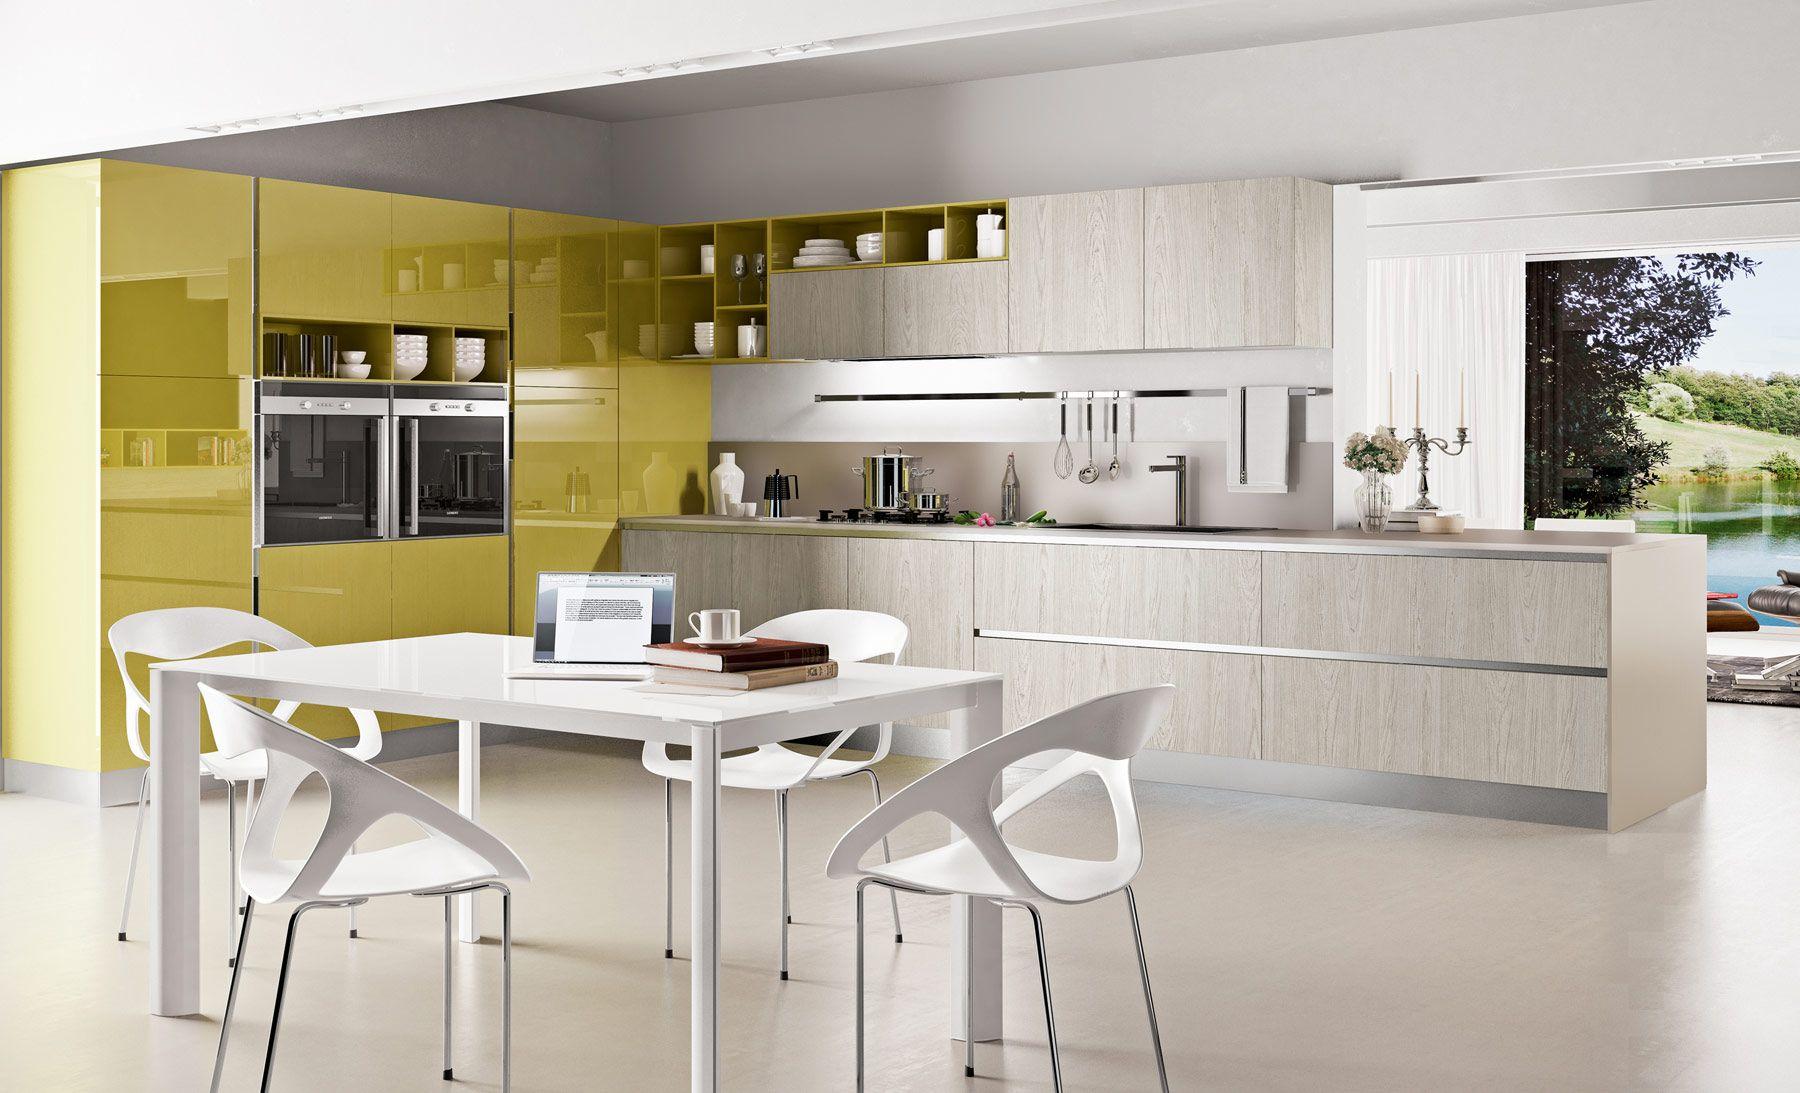 Diseño de cocinas modernas al estilo arte pop | Pinterest | Cocina ...